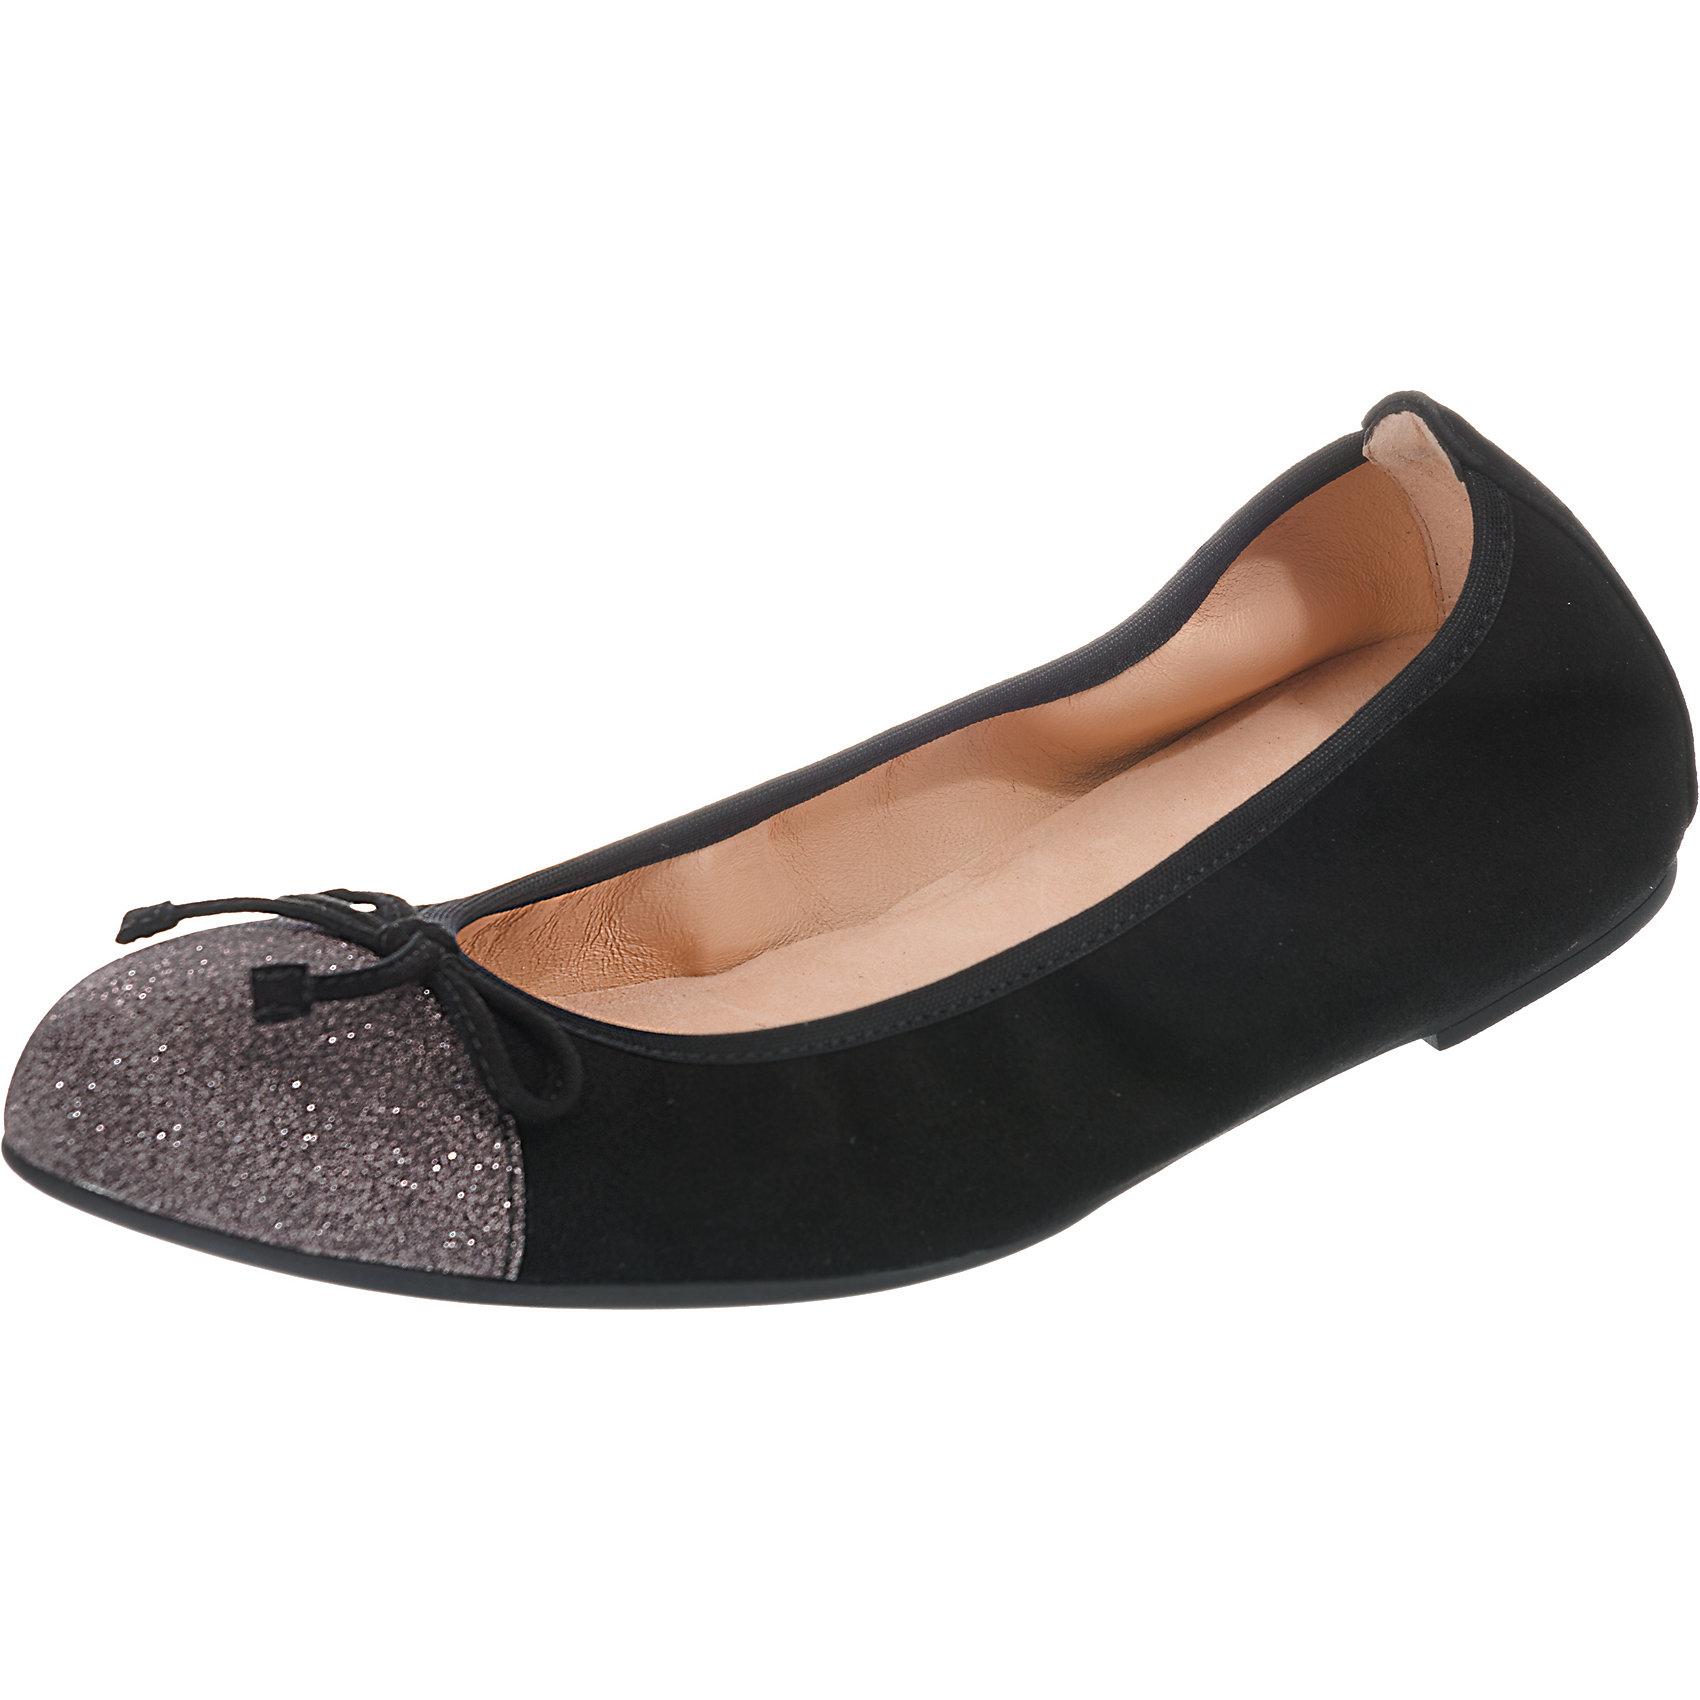 Neu Unisa Klassische Ballerinas 7640872 für Damen schwarz khaki